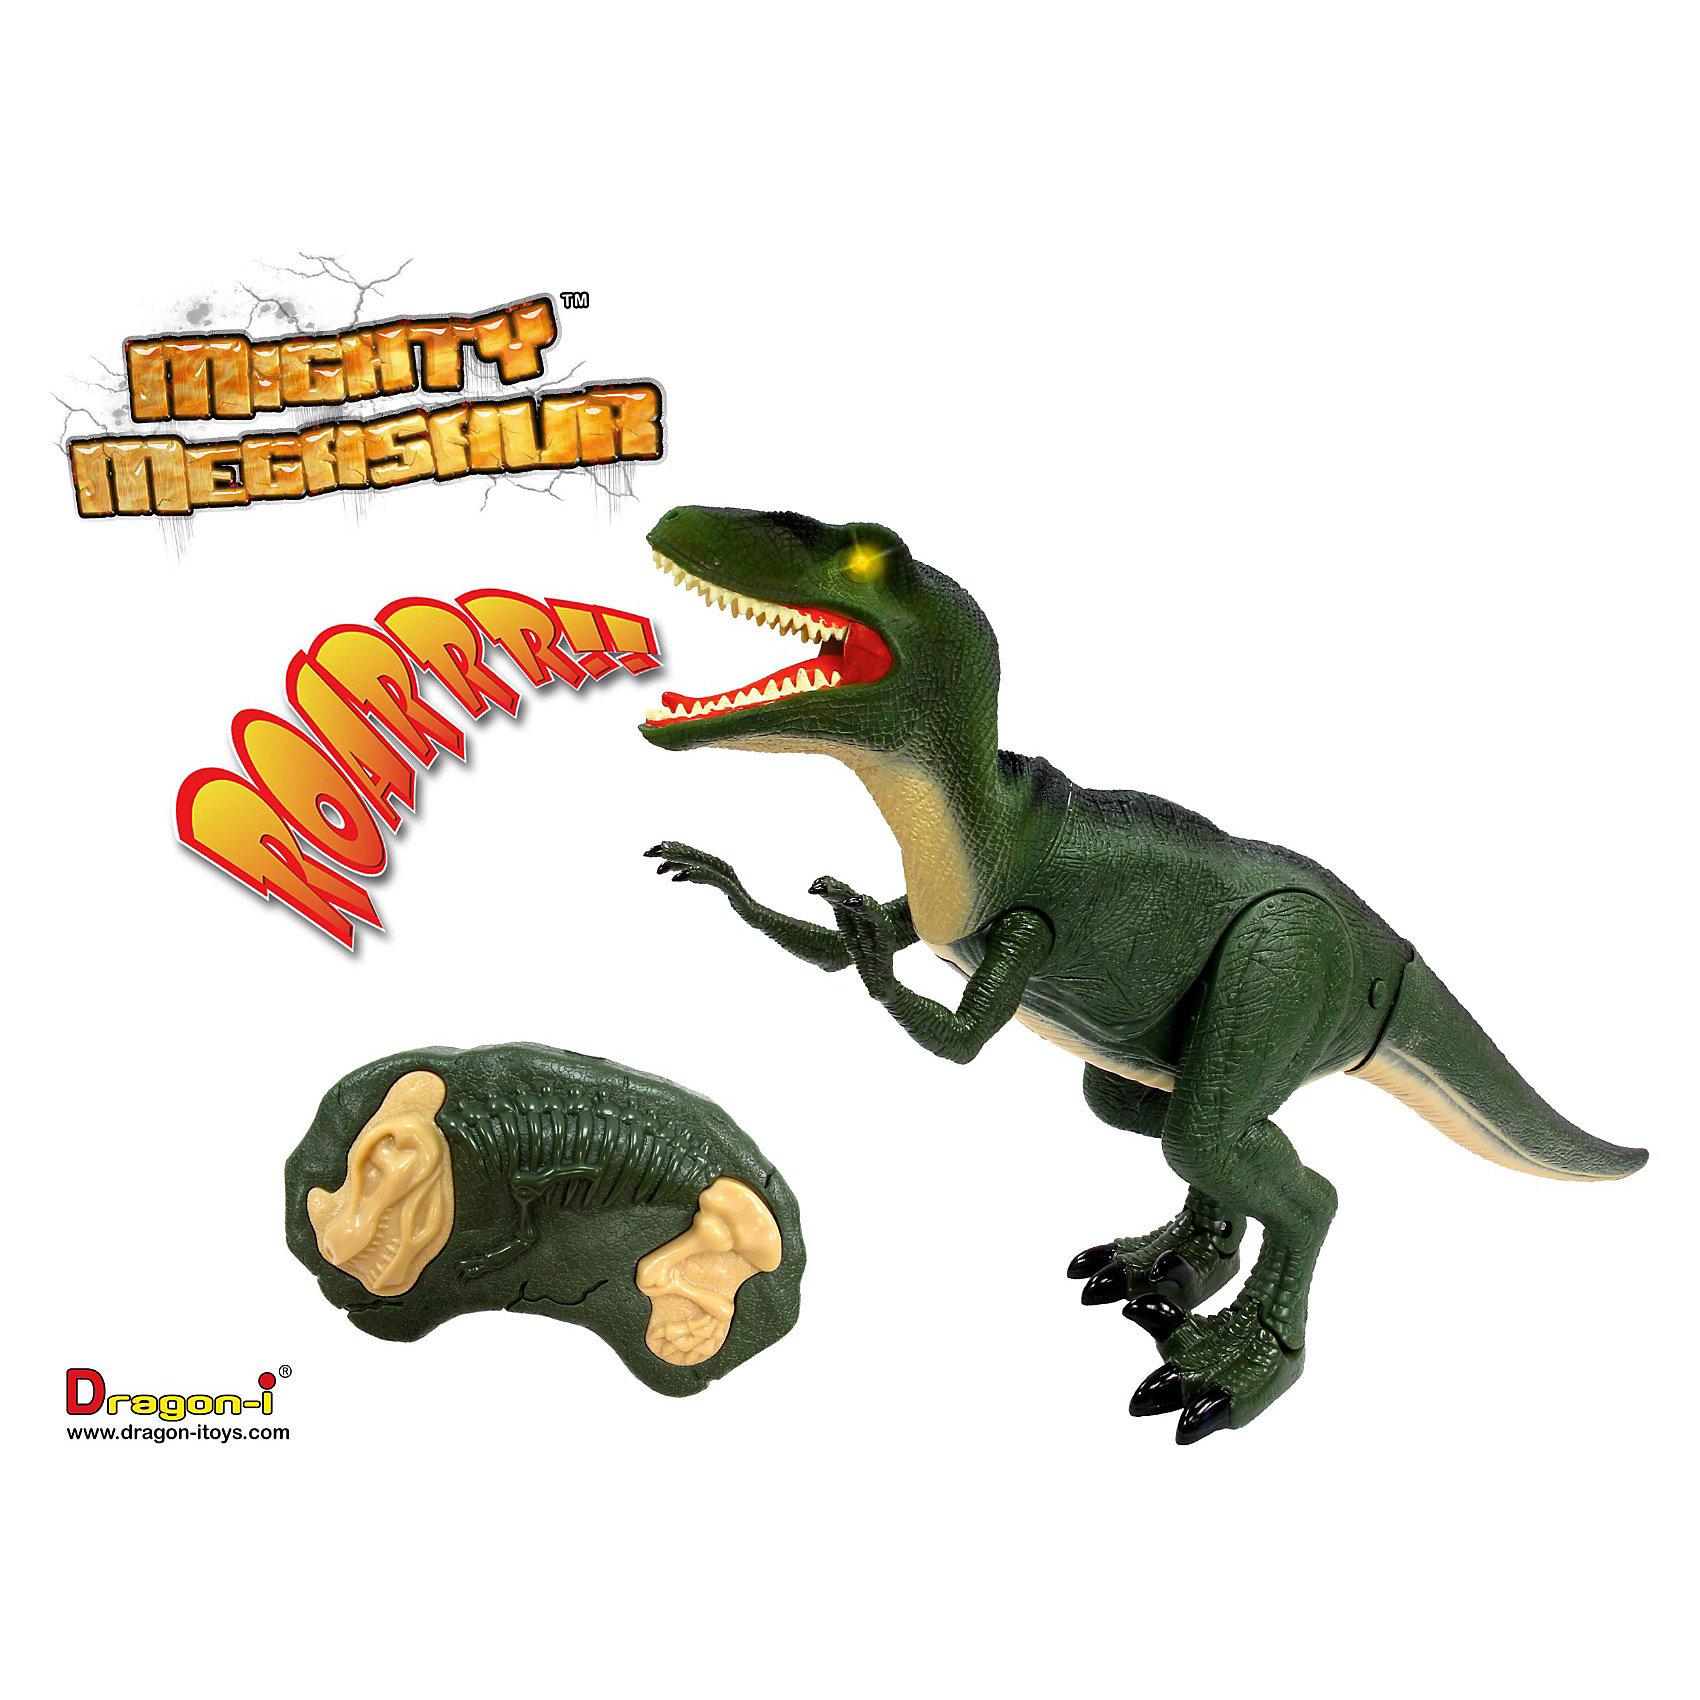 Велоцираптор на инфракрасном управлении, DragonВелоцираптор на инфракрасном управлении, Dragon удивительно реалистичная интерактивная игрушка станет настоящим подарком для Вашего ребенка! Велоцираптор — реально существовавший около 80 млн. лет назад род динозавров, обладавший огромными когтями. С помощью этой подвижной игрушки ребенок сможет познакомиться с удивительным периодом развития планеты — меловым, когда на Земле царствовали динозавры. У этой игрушки, изготовленной из высококачественного нетоксичного пластика и резины, загораются глаза, двигаются челюсти и лапы, а самое главное — она умеет имитировать звуки, которые издавали эти уникальные животные. Всё это можно проделать с помощью пульта, радиус действия которого достигает трех метров.<br>Эра Динозавров не прошла! Теперь самый страшный представитель Динозавров может оказаться у тебя в подчинении, тебе всего лишь нужно взять в руки пульт управления!<br><br>Дополнительная информация: <br><br>- Пульт управления работает от батареек (в комплекте нет);<br>- У Велоцираптора светятся глаза;<br>- Игрушка может издавать реалистичные звуки;<br>- Челюсти и лапы двигаются;<br>- В комплект входят три батарейки для динозавра типа АА. Батарейки для пульта в комплект не включены;<br>- Высота игрушки составляет 20 см<br><br>Велоцираптора на инфракрасном управлении, Dragon можно купить в нашем интернет-магазине.<br><br>Ширина мм: 608<br>Глубина мм: 114<br>Высота мм: 305<br>Вес г: 1004<br>Возраст от месяцев: 60<br>Возраст до месяцев: 120<br>Пол: Мужской<br>Возраст: Детский<br>SKU: 3607977